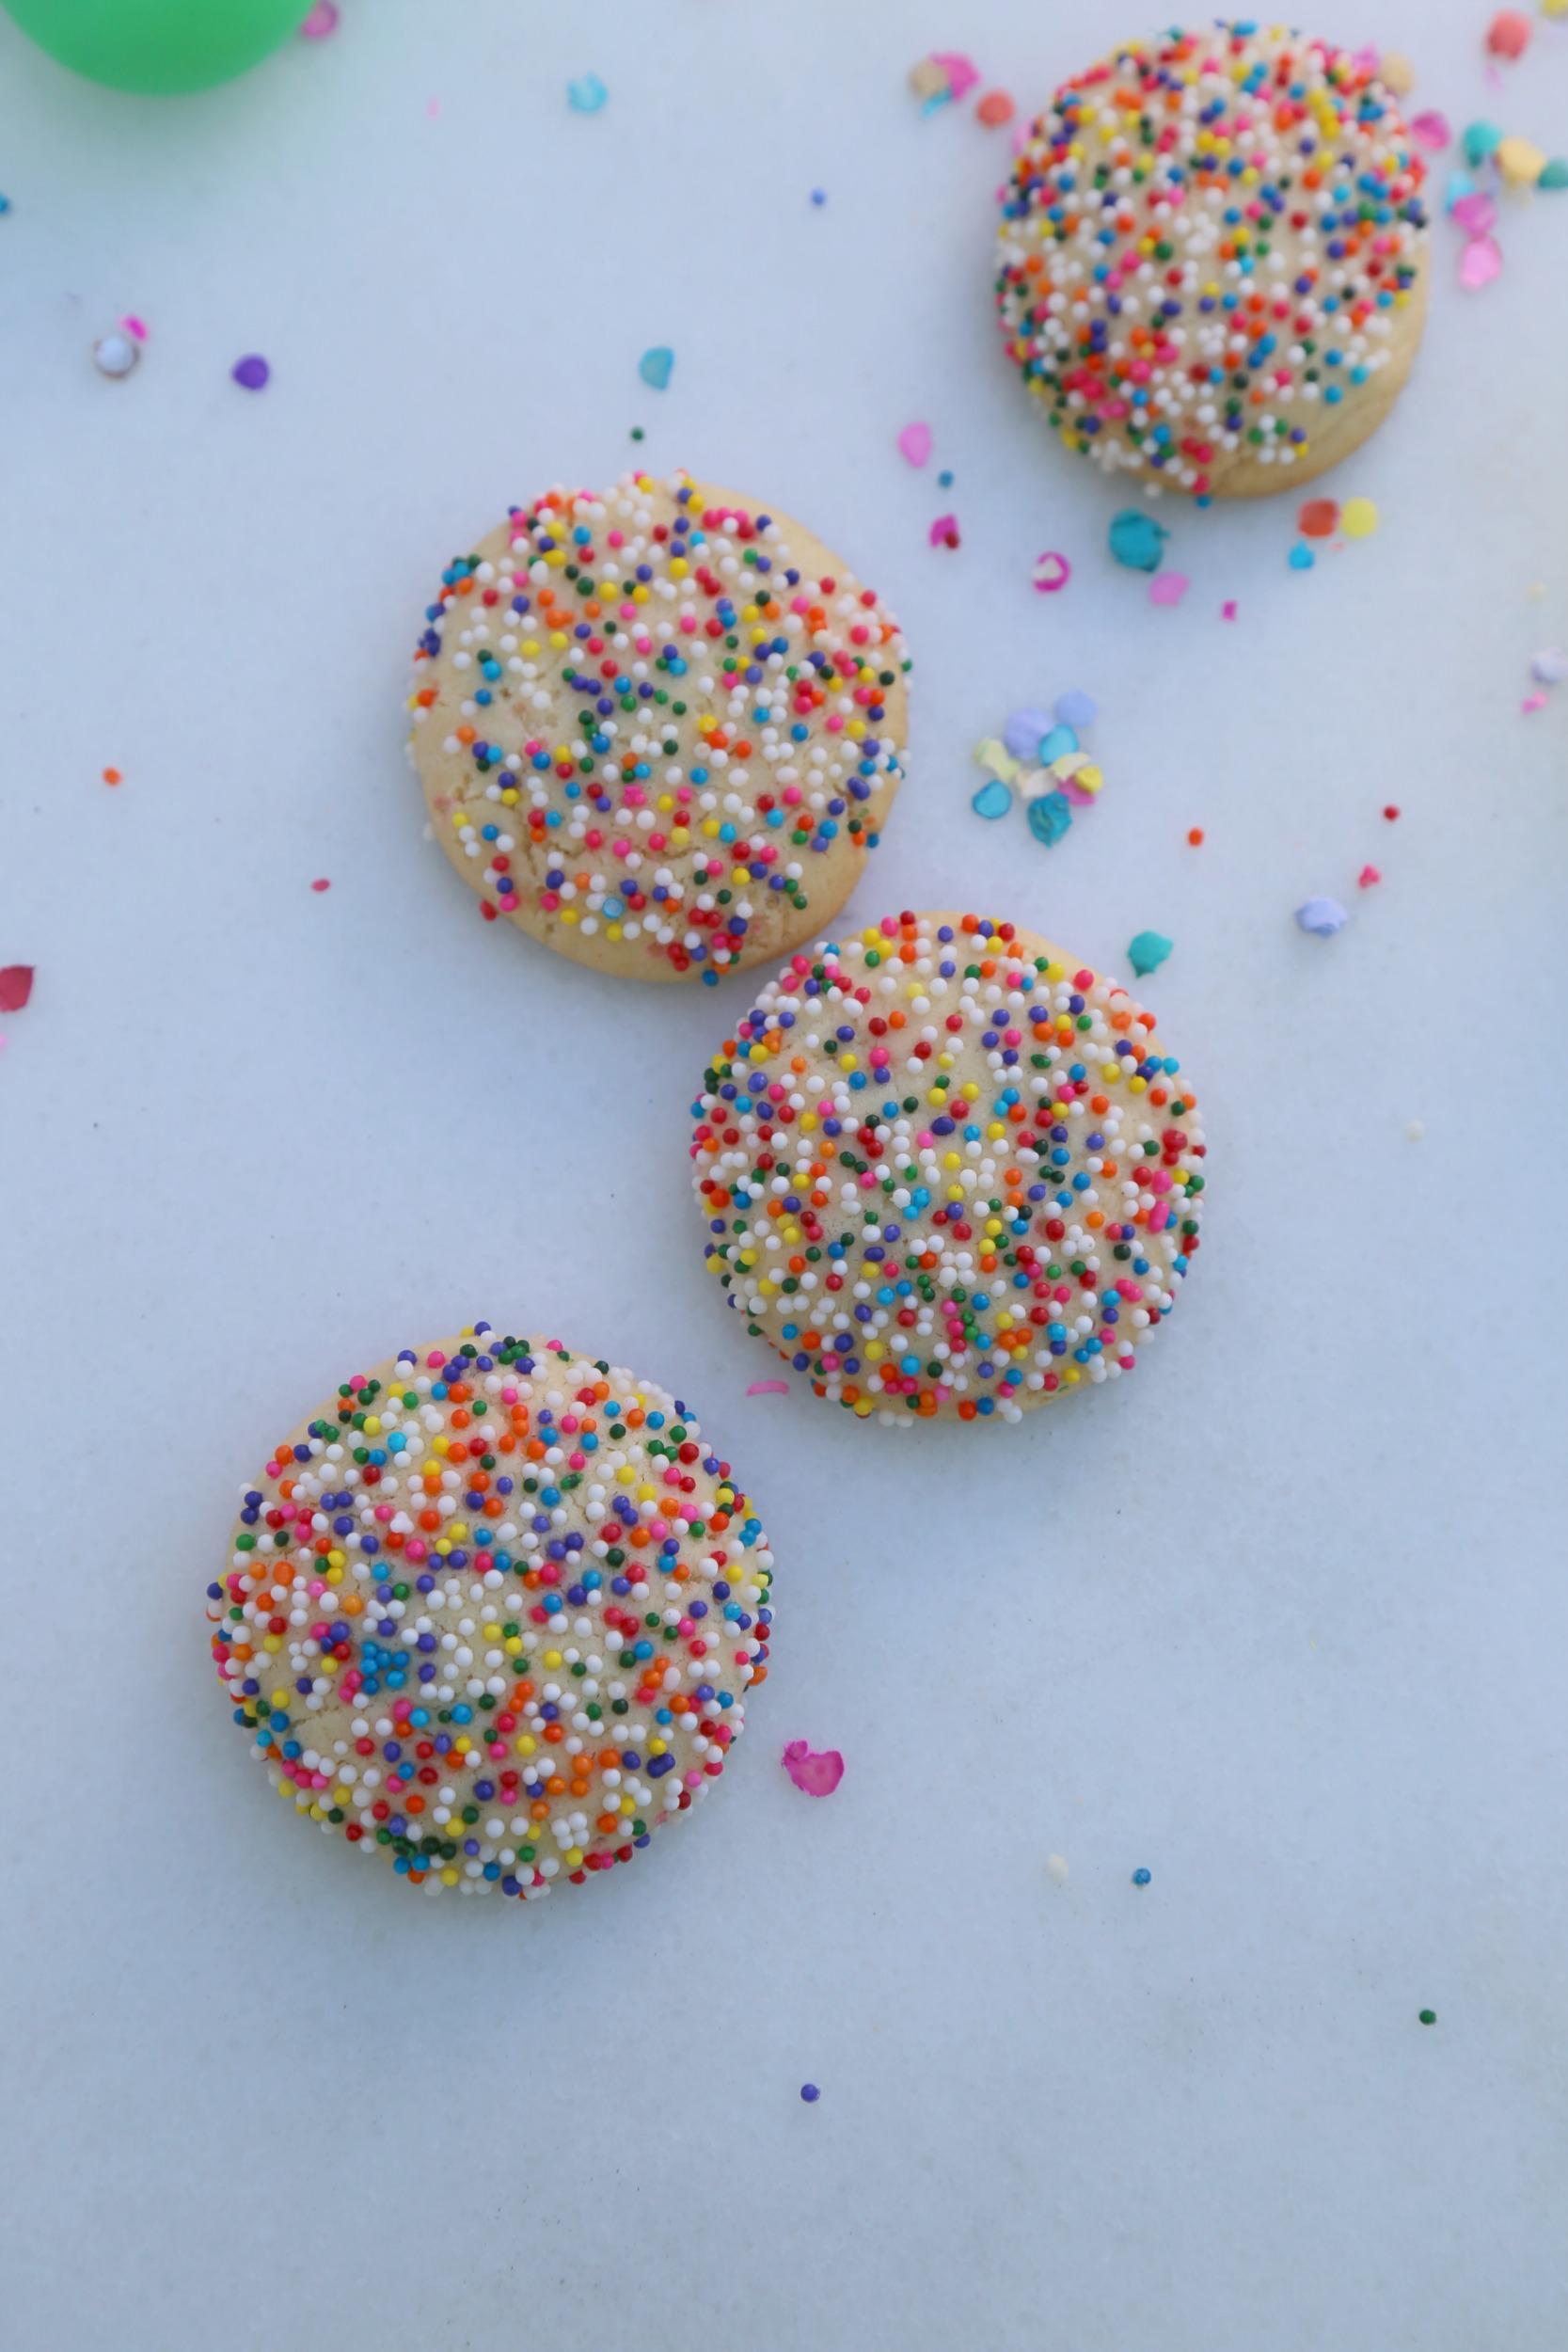 sweetened-condensed-milk-cookies-confetti-cookies-vianneyrodriguez-sweetlifebake